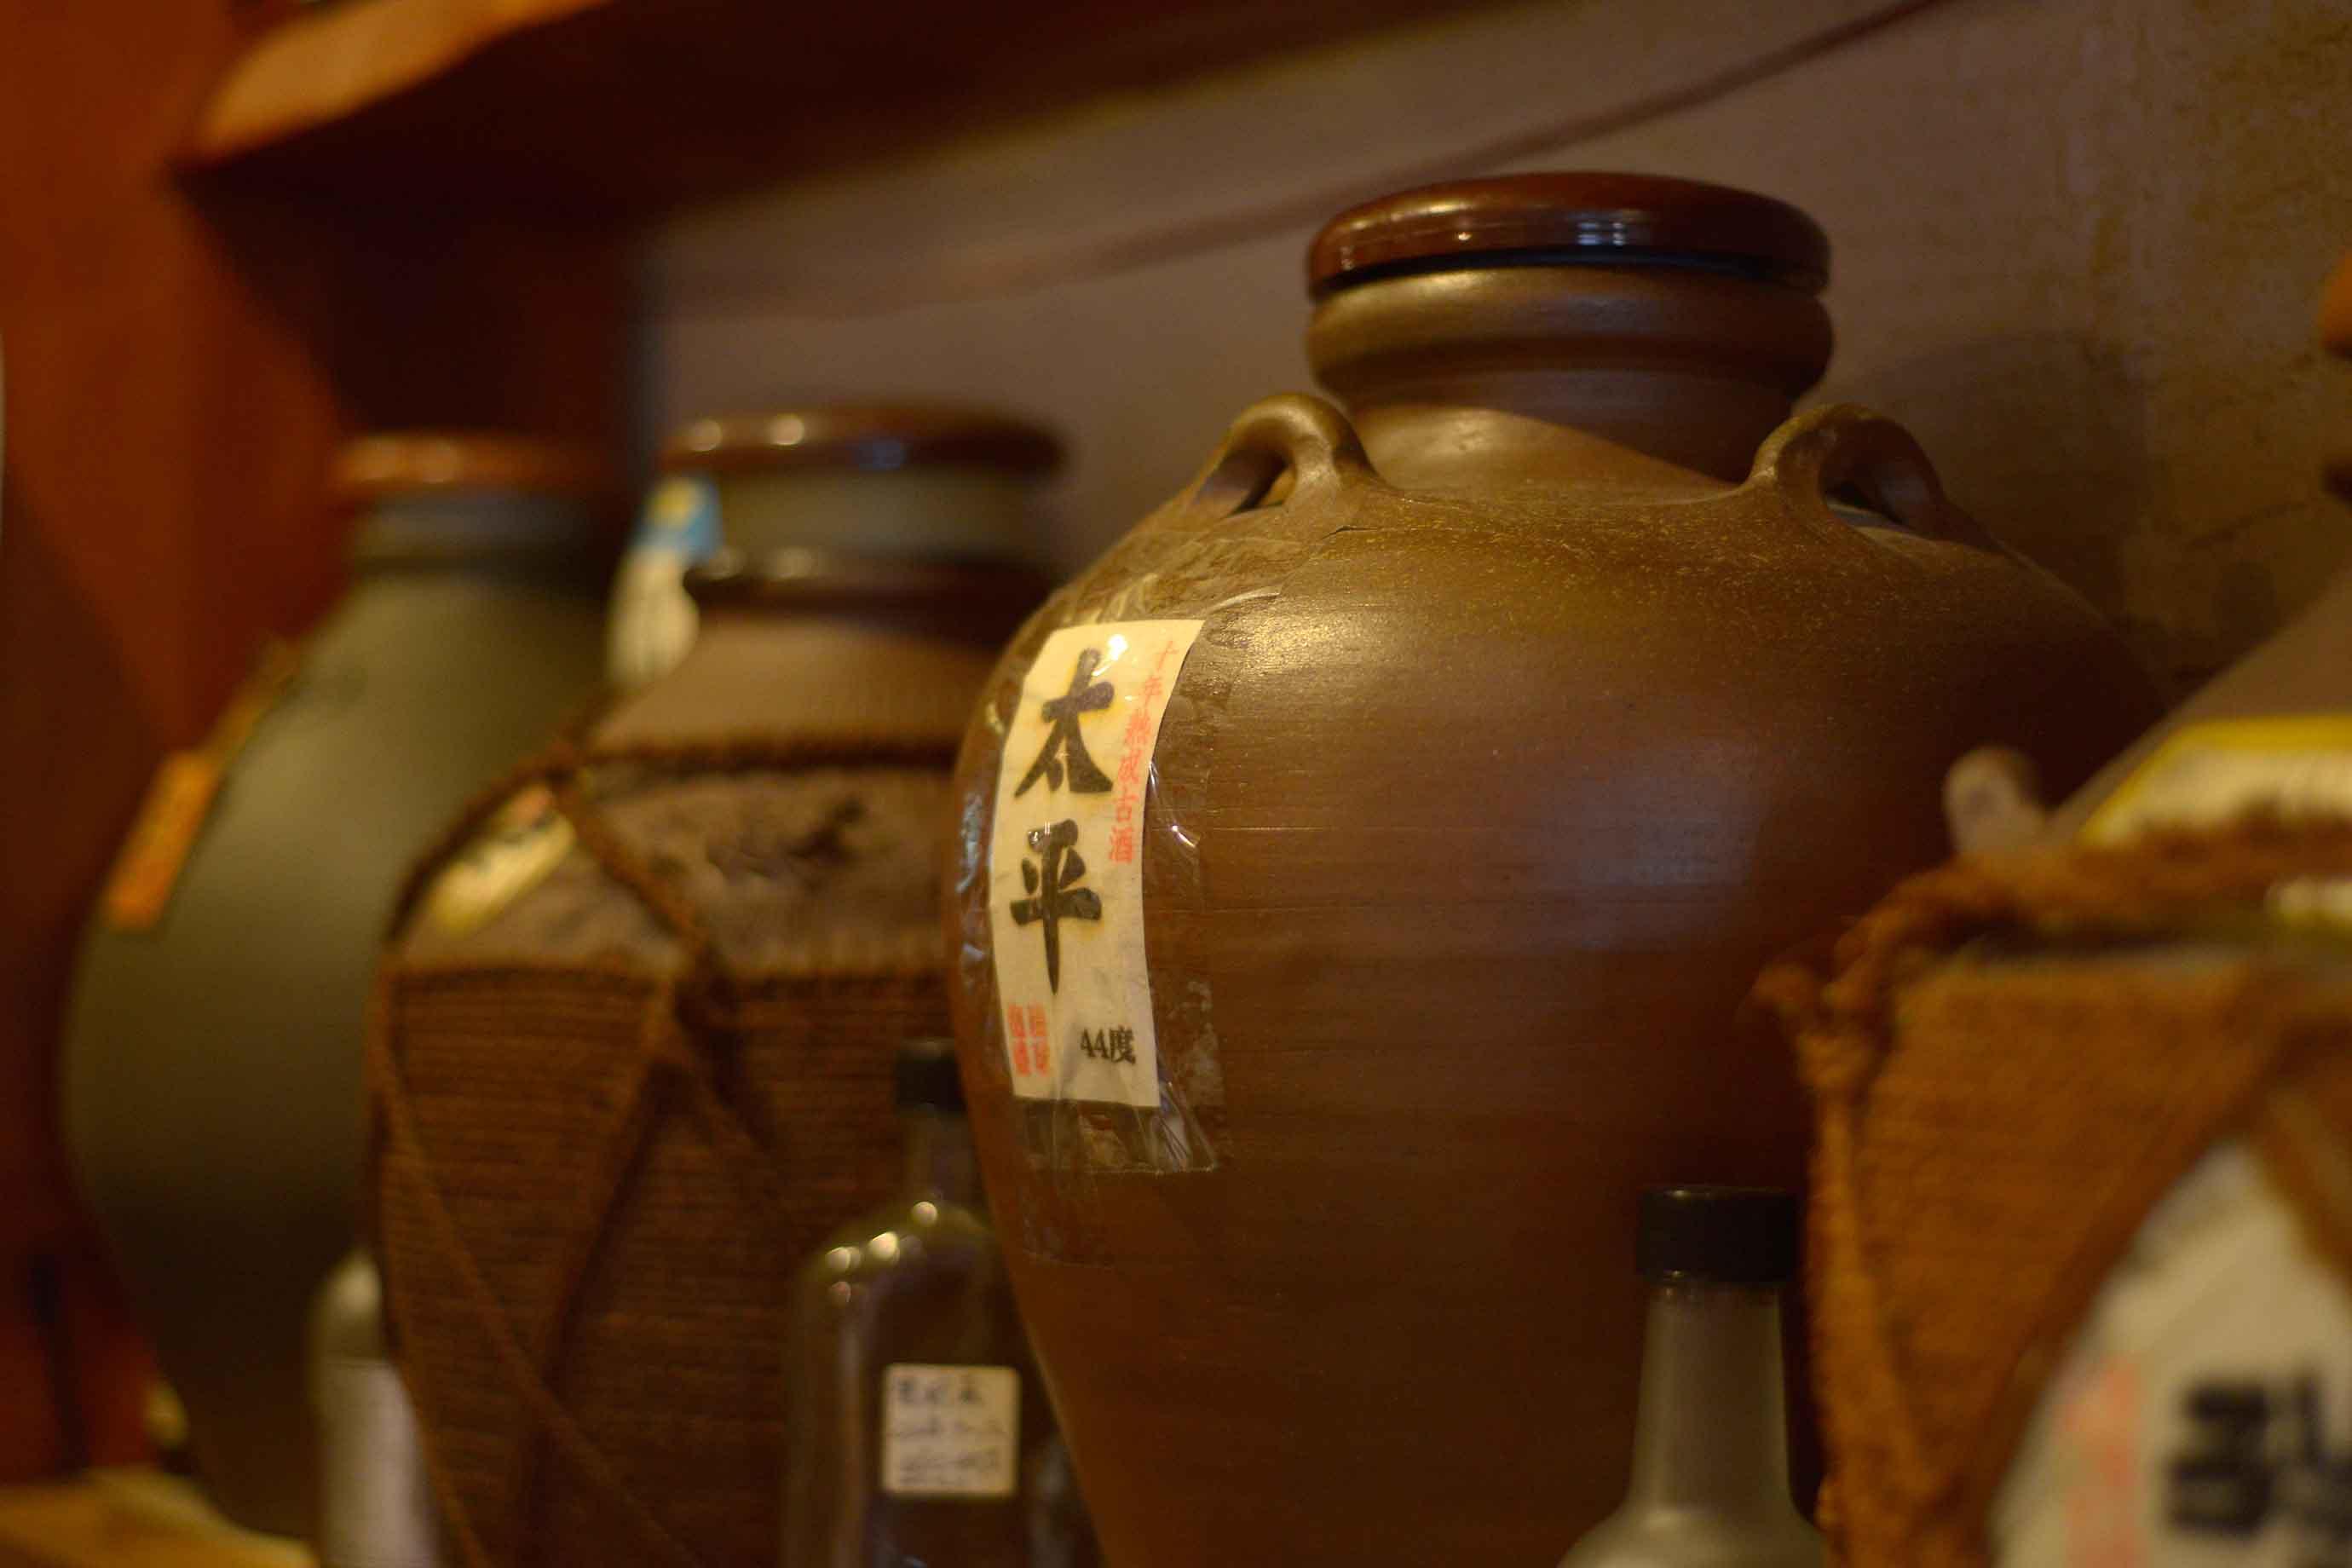 同店では、県内全48酒造所の主要銘柄をそろえており、その数100種類以上。飲みやすい新酒から希少性の高い古酒、マニアックな銘柄まで網羅しており、毎晩お酒好きで賑わいます